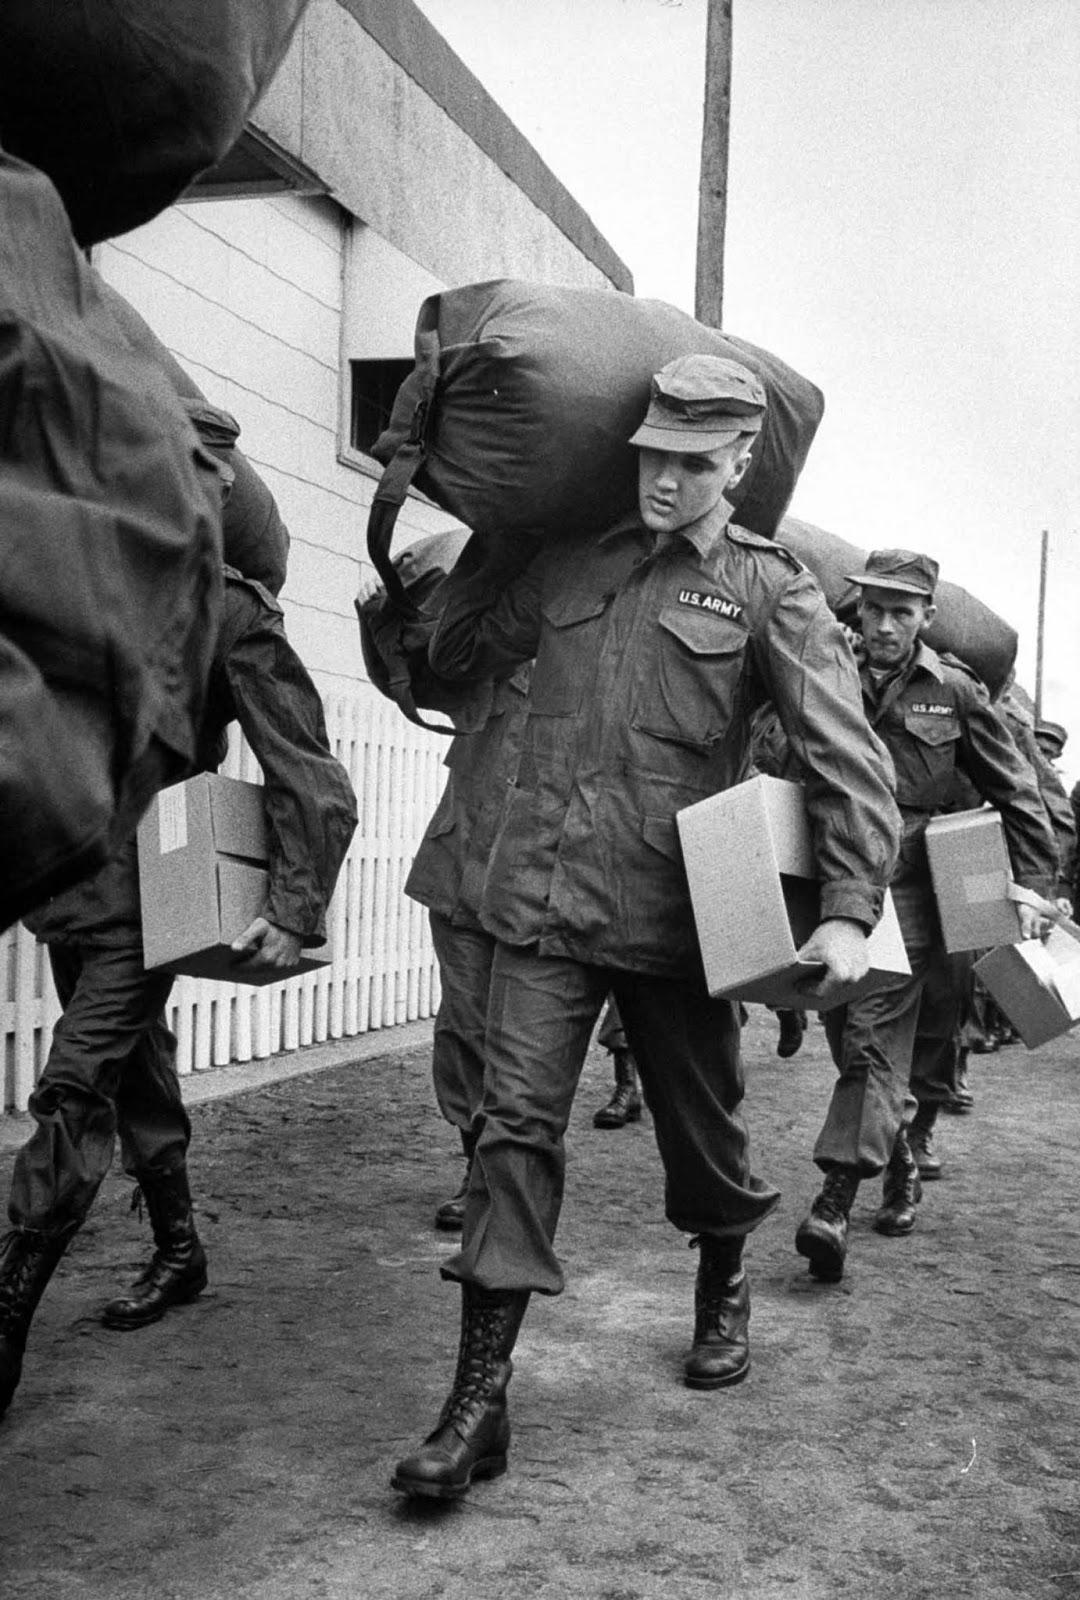 Presley clad in Army fatigues.